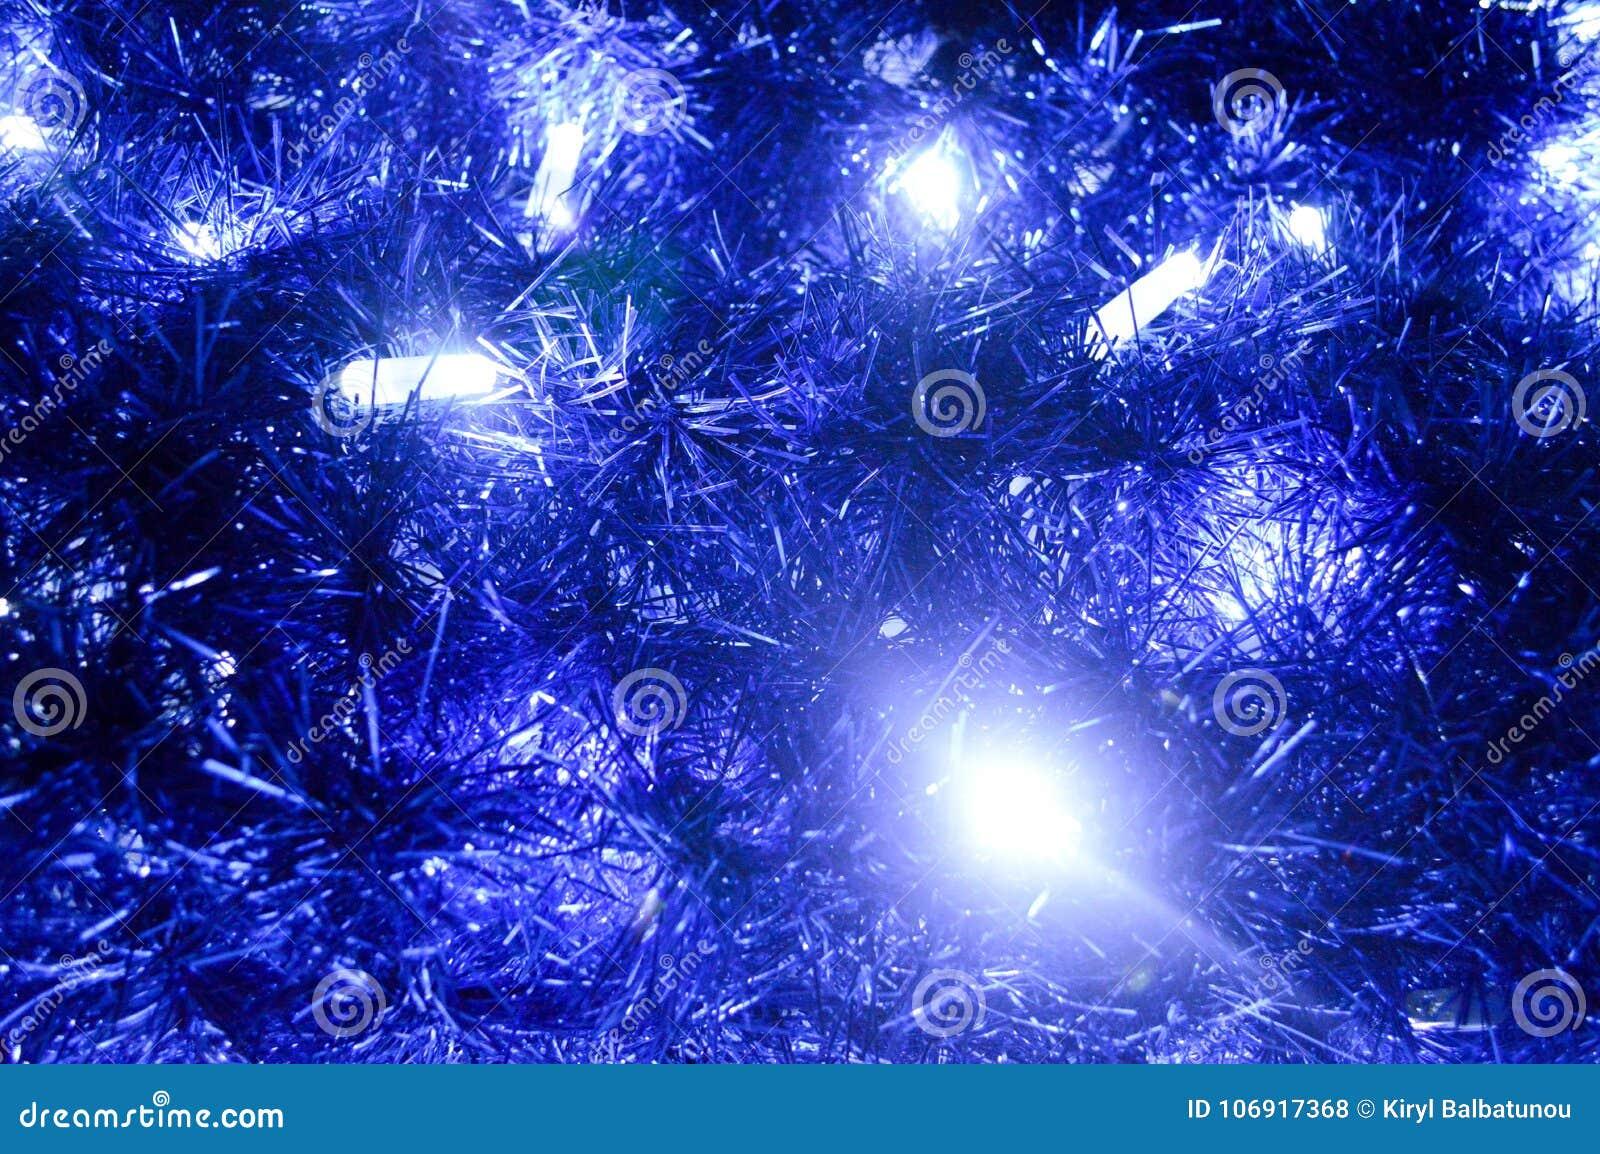 Tylny tło Bożenarodzeniowe dekoracje, lampiony, światła, girlandy, błękit pada